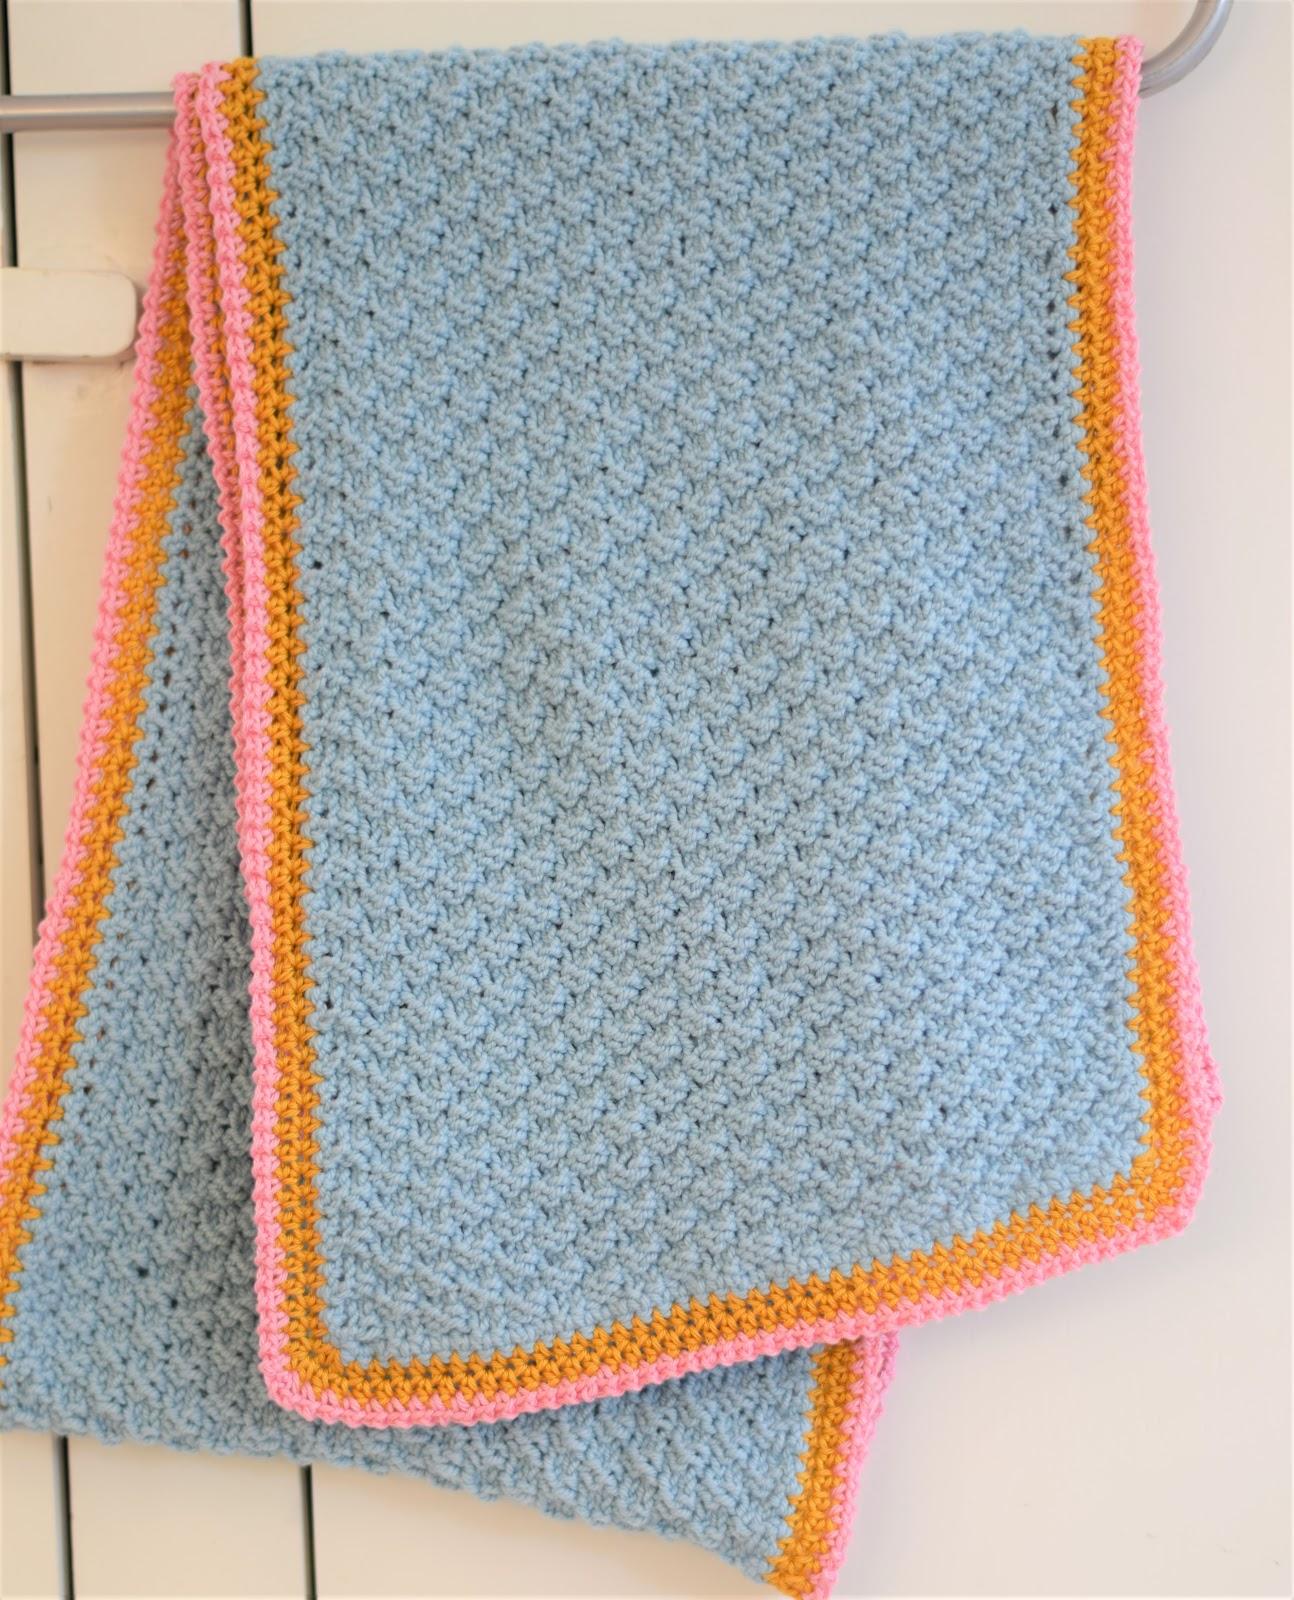 Madebyleen Blog Over Haken Crochet Blog Gratis Patronen Free